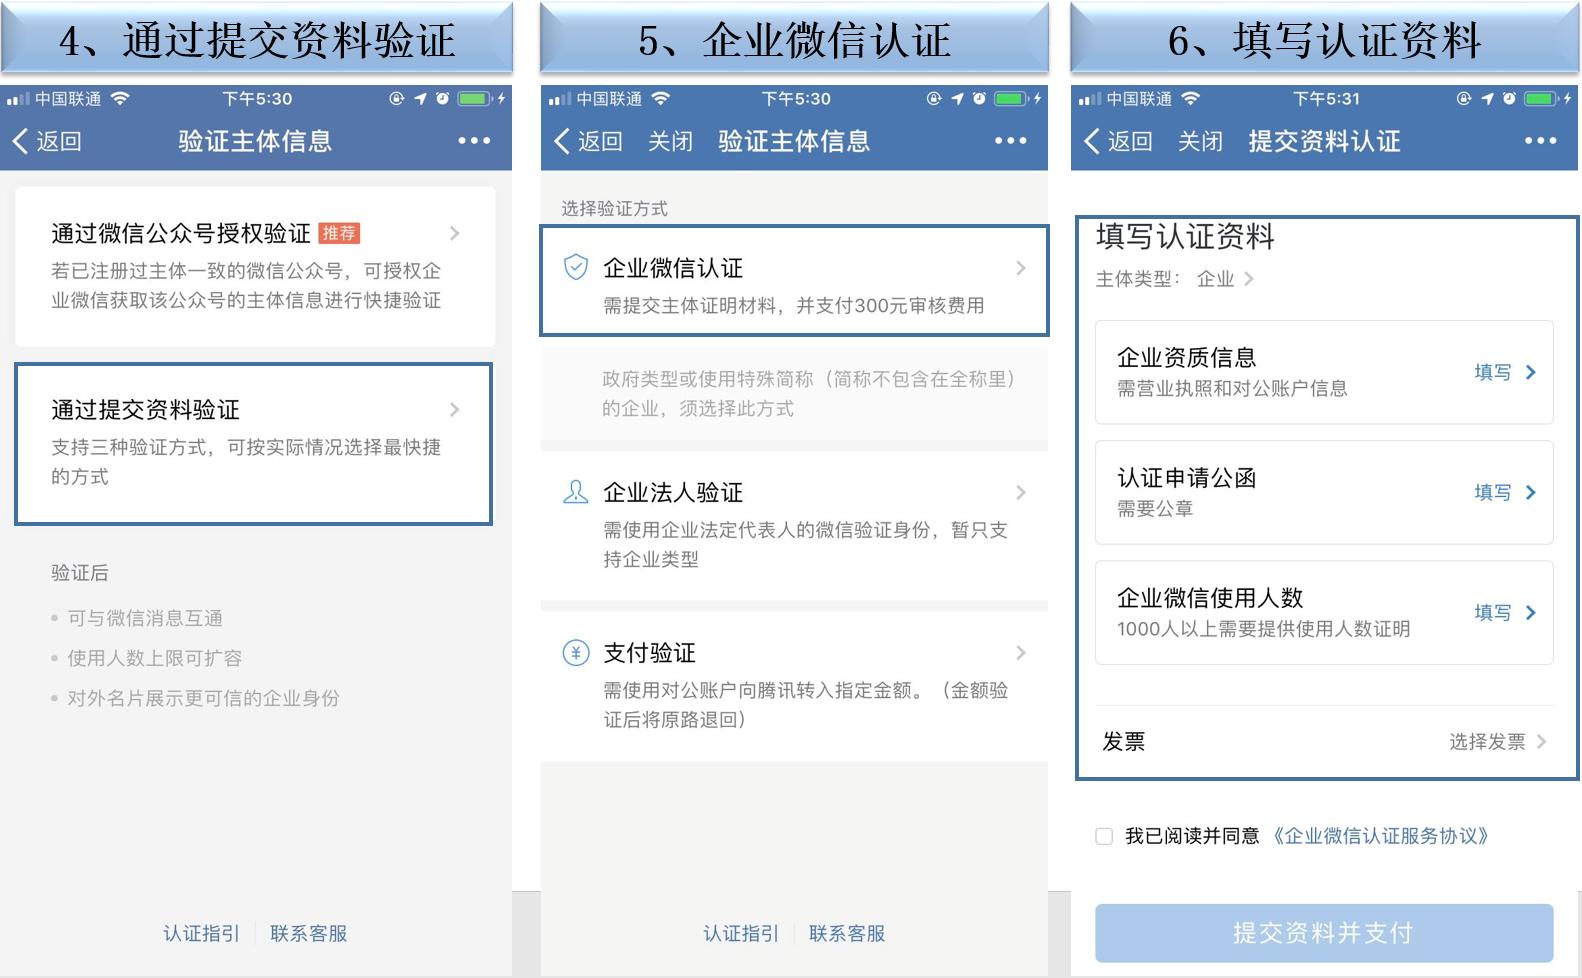 企业微信认证手机端申请流程(企业法人类型)